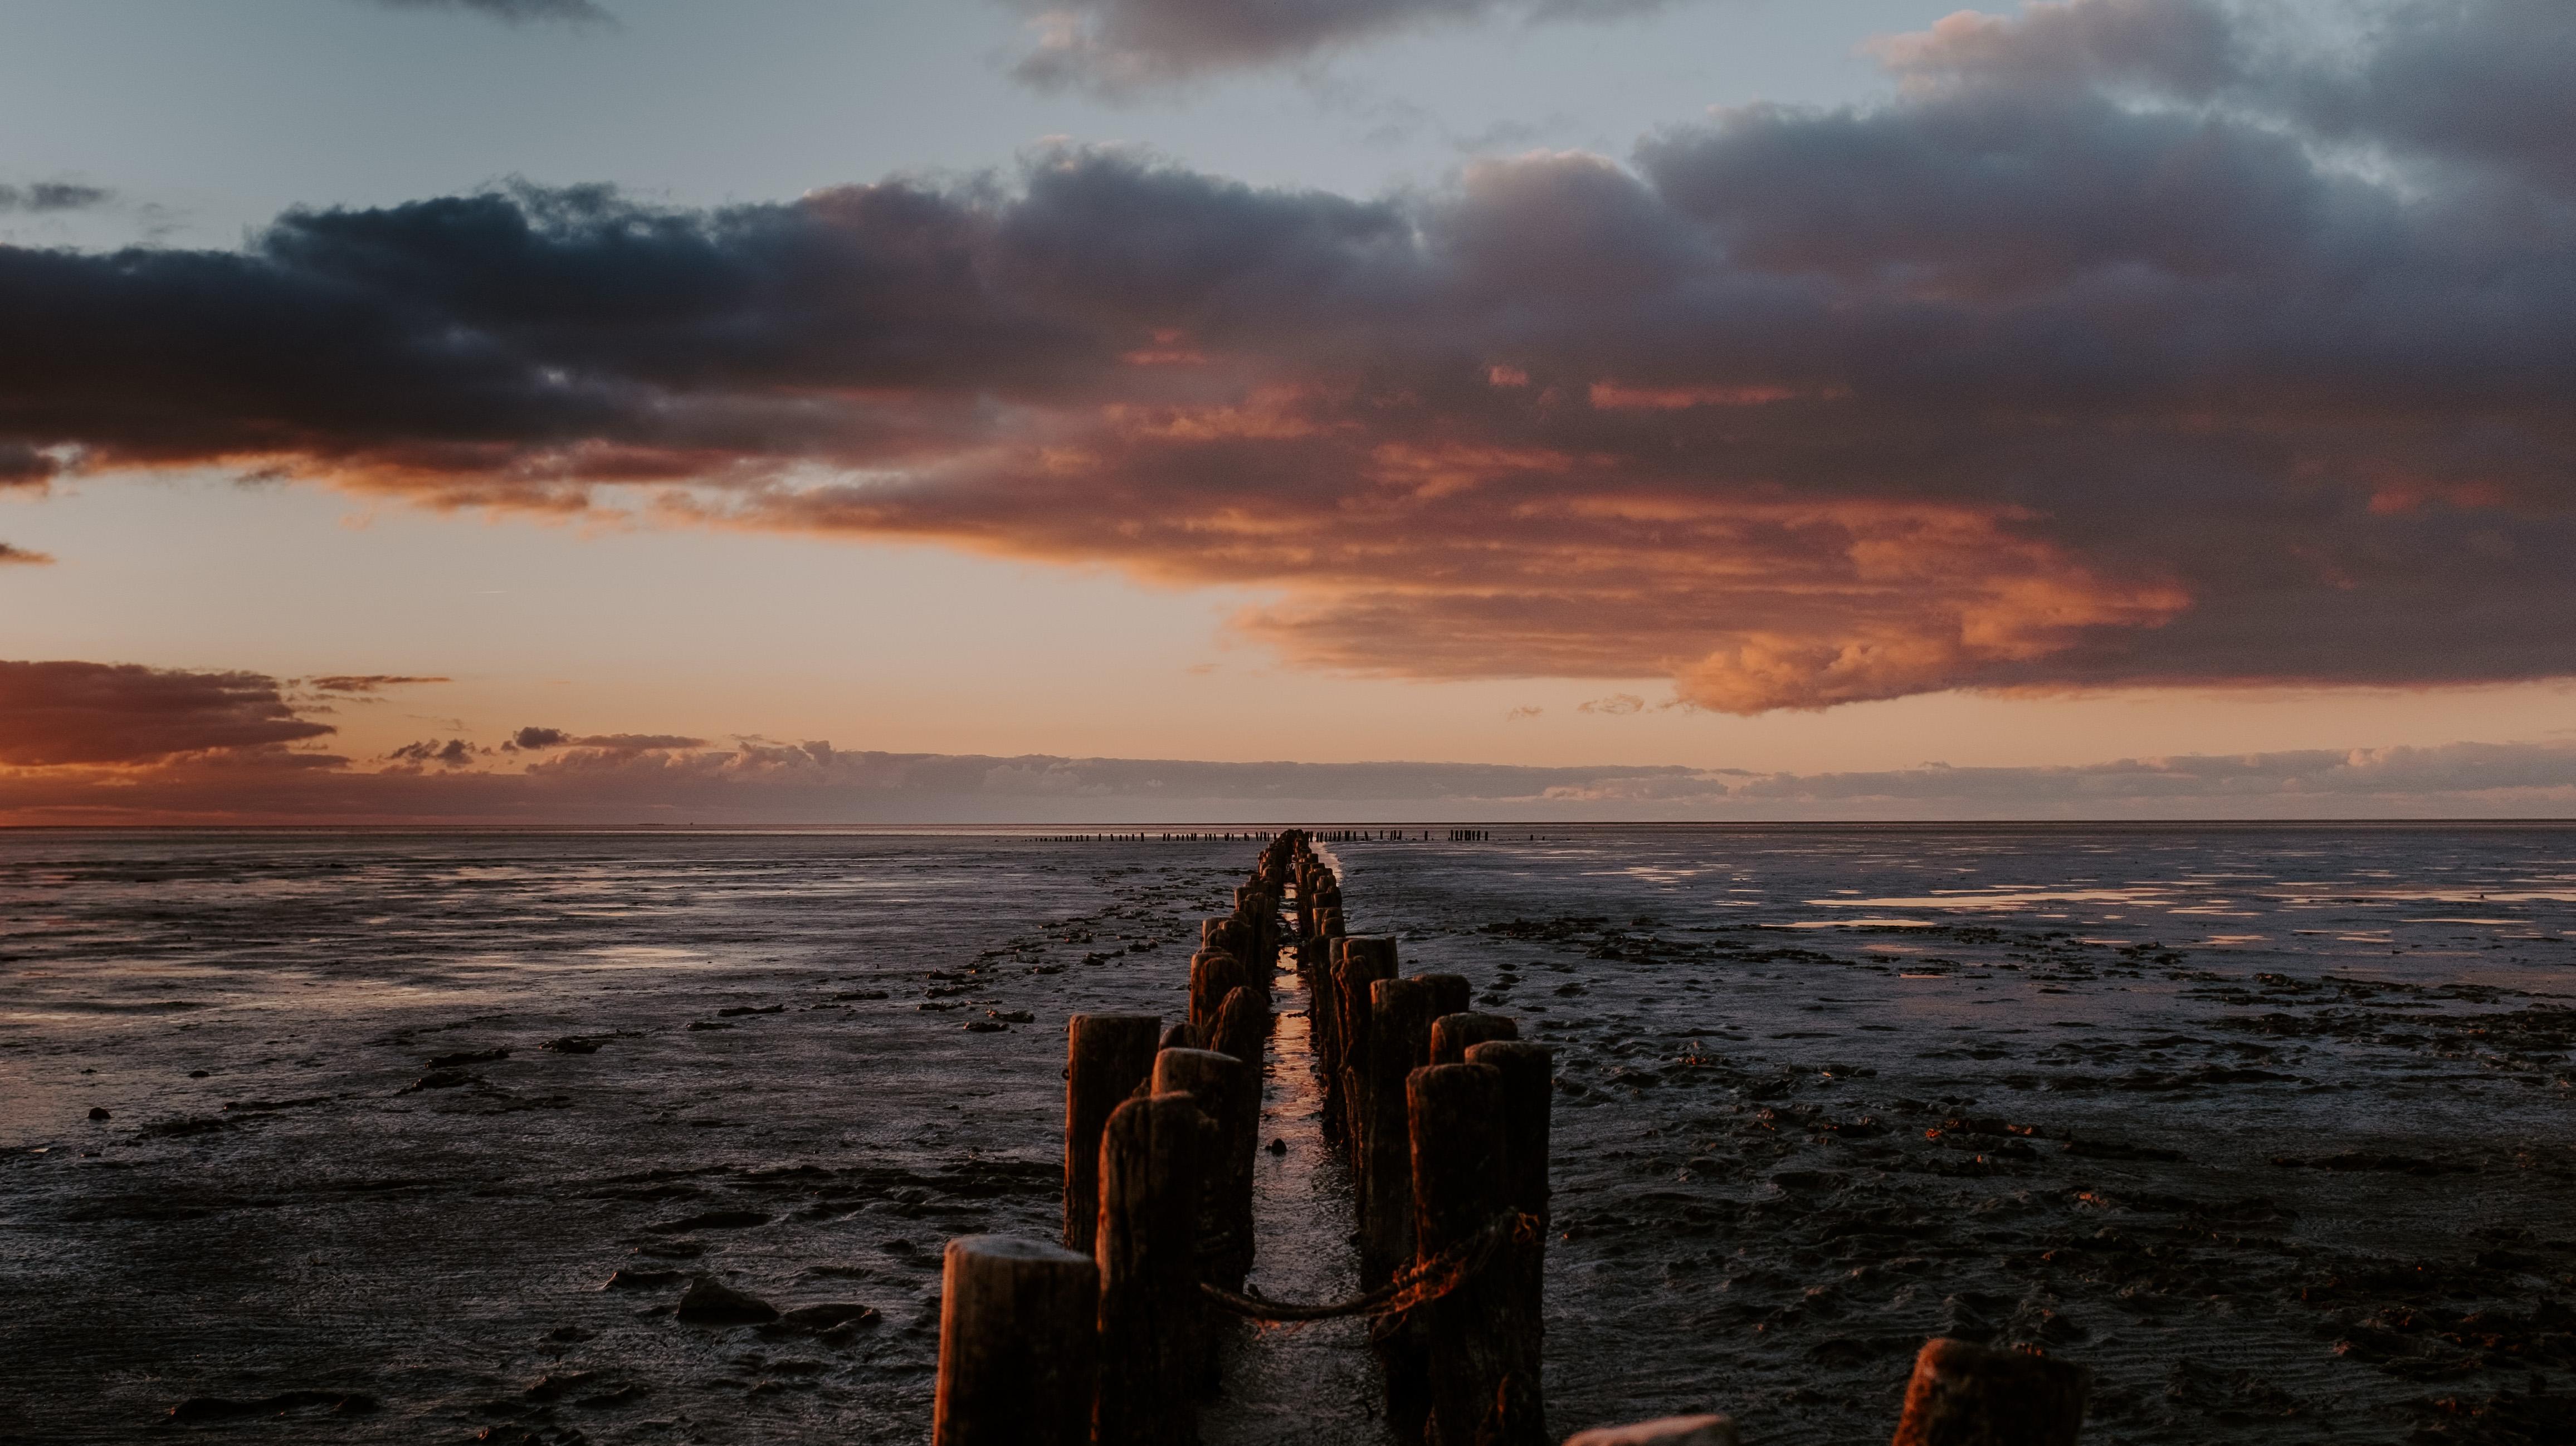 84883 Hintergrundbild 720x1280 kostenlos auf deinem Handy, lade Bilder Natur, Sunset, Horizont, Seebrücke, Pier, Ozean 720x1280 auf dein Handy herunter